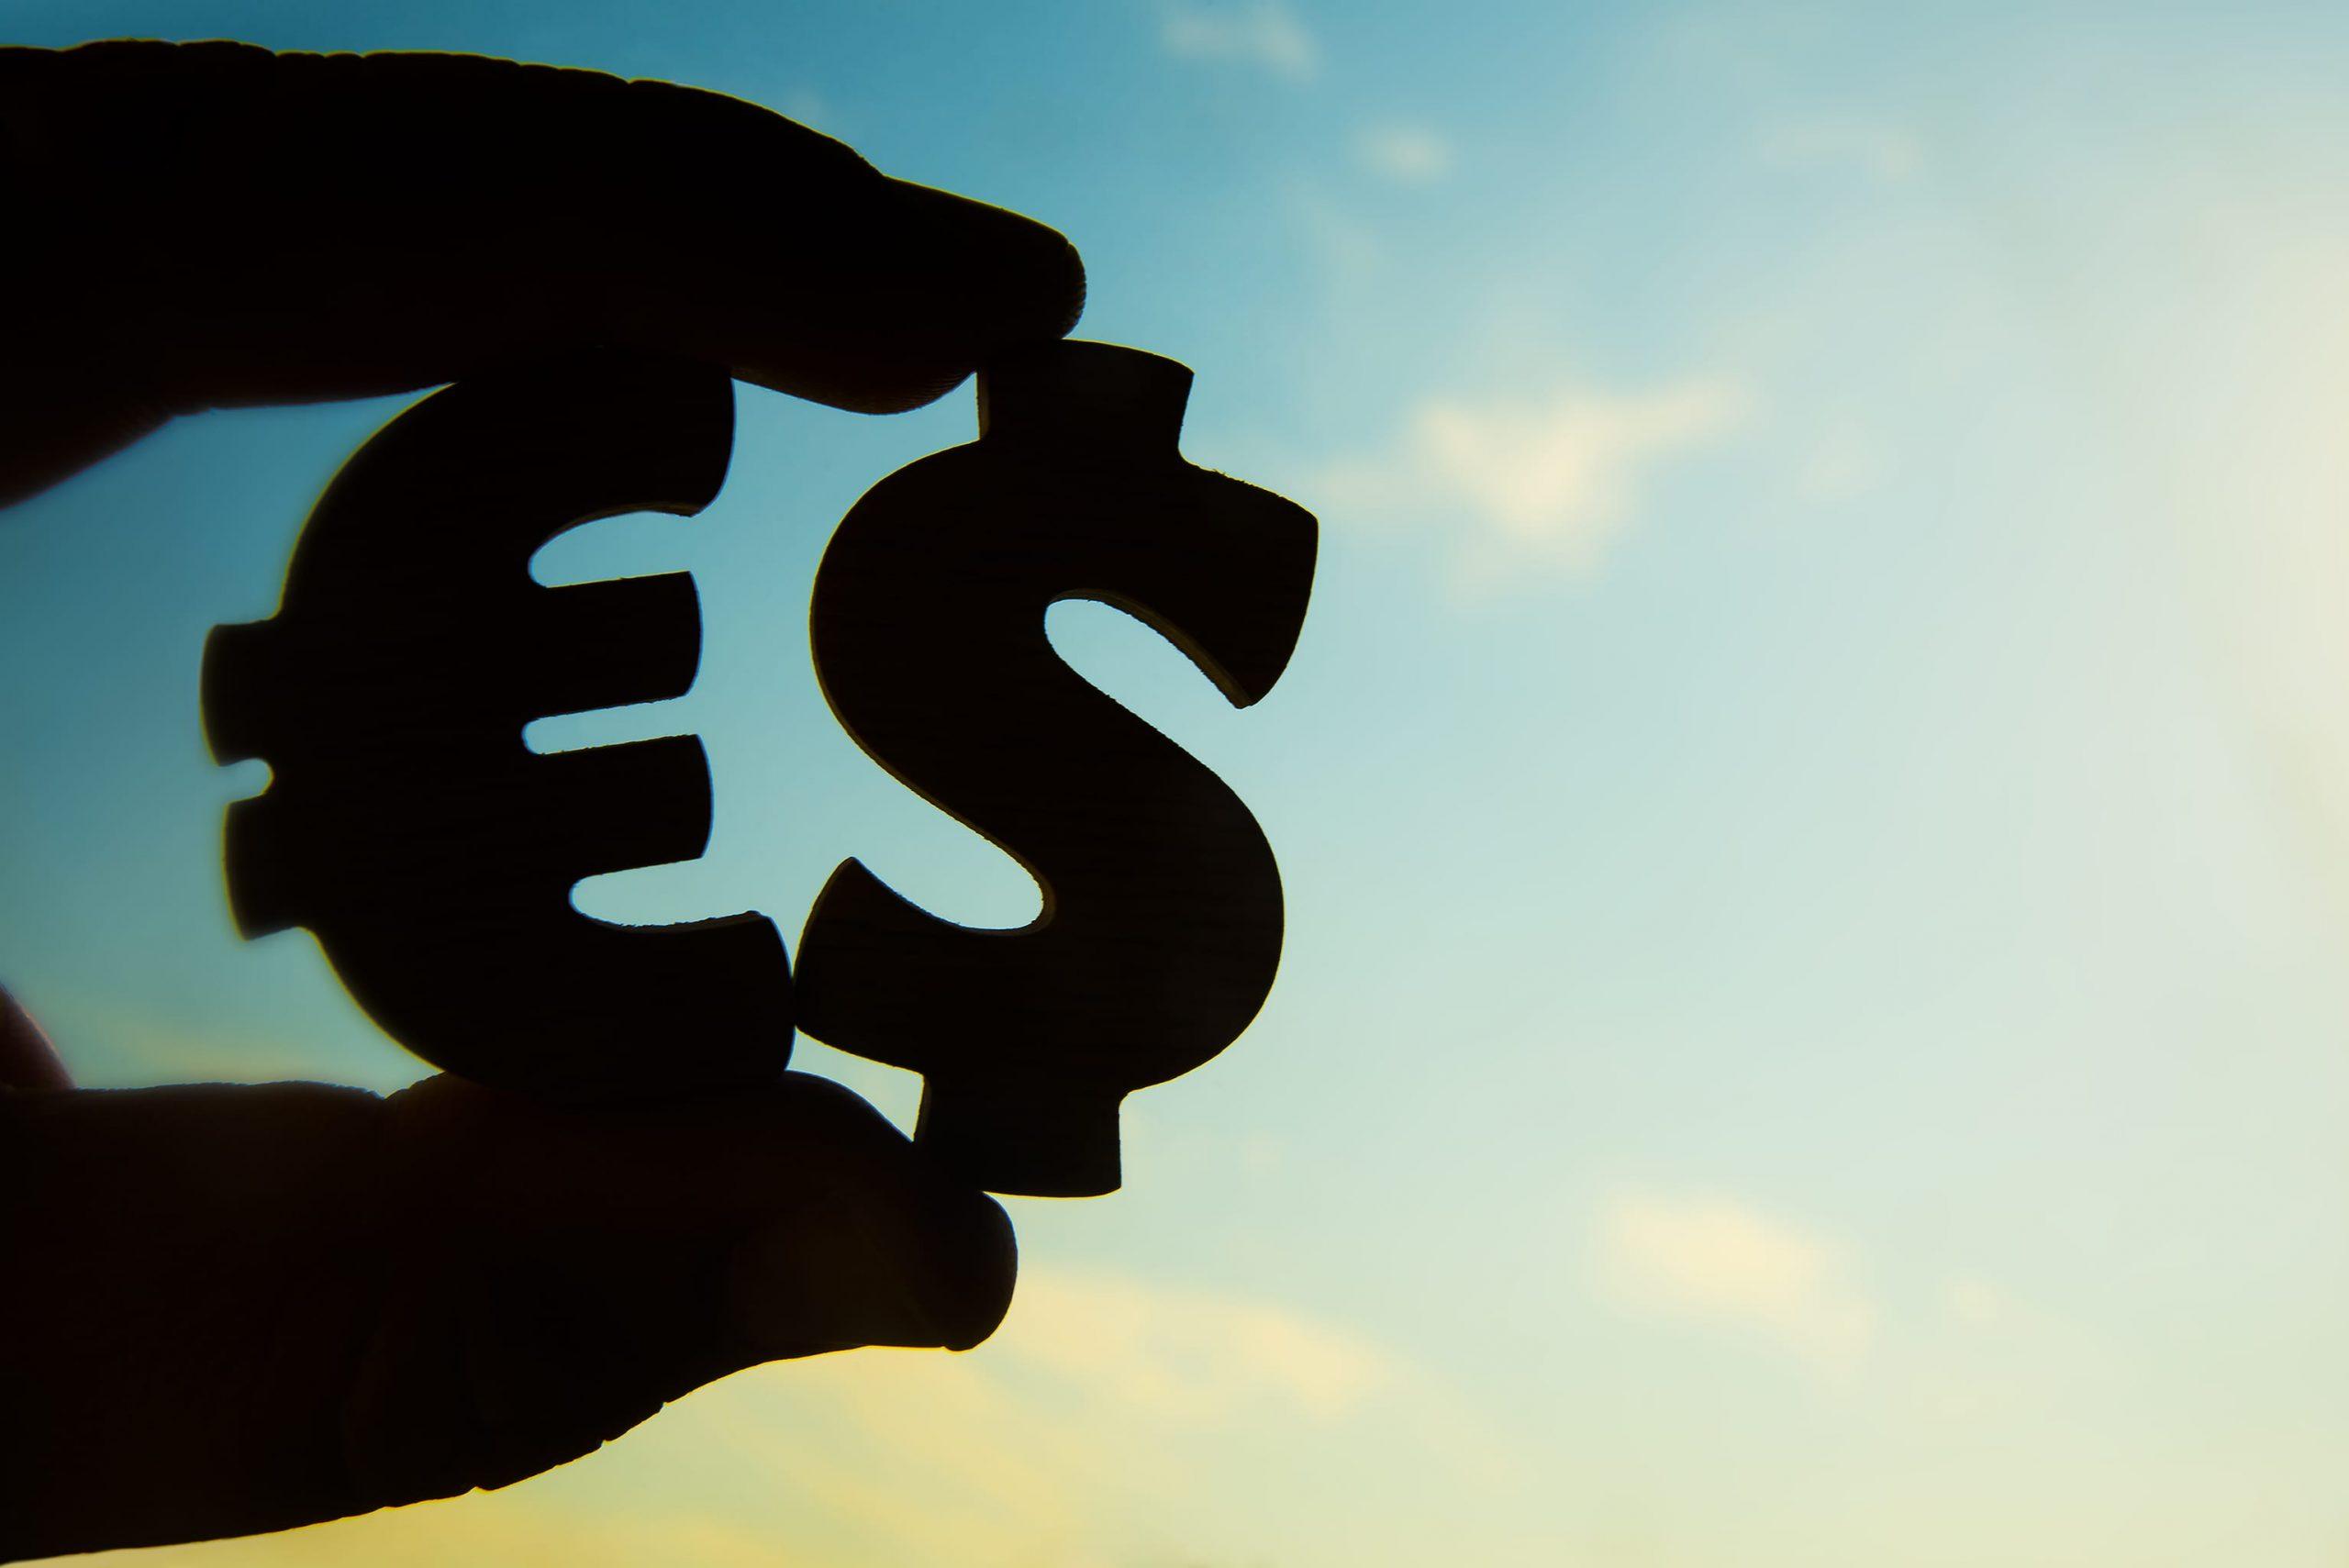 Im Gegenlicht fotographierte Aufnahme einer Hand, die ein Euro- sowie ein Dollar-Zeichen hält